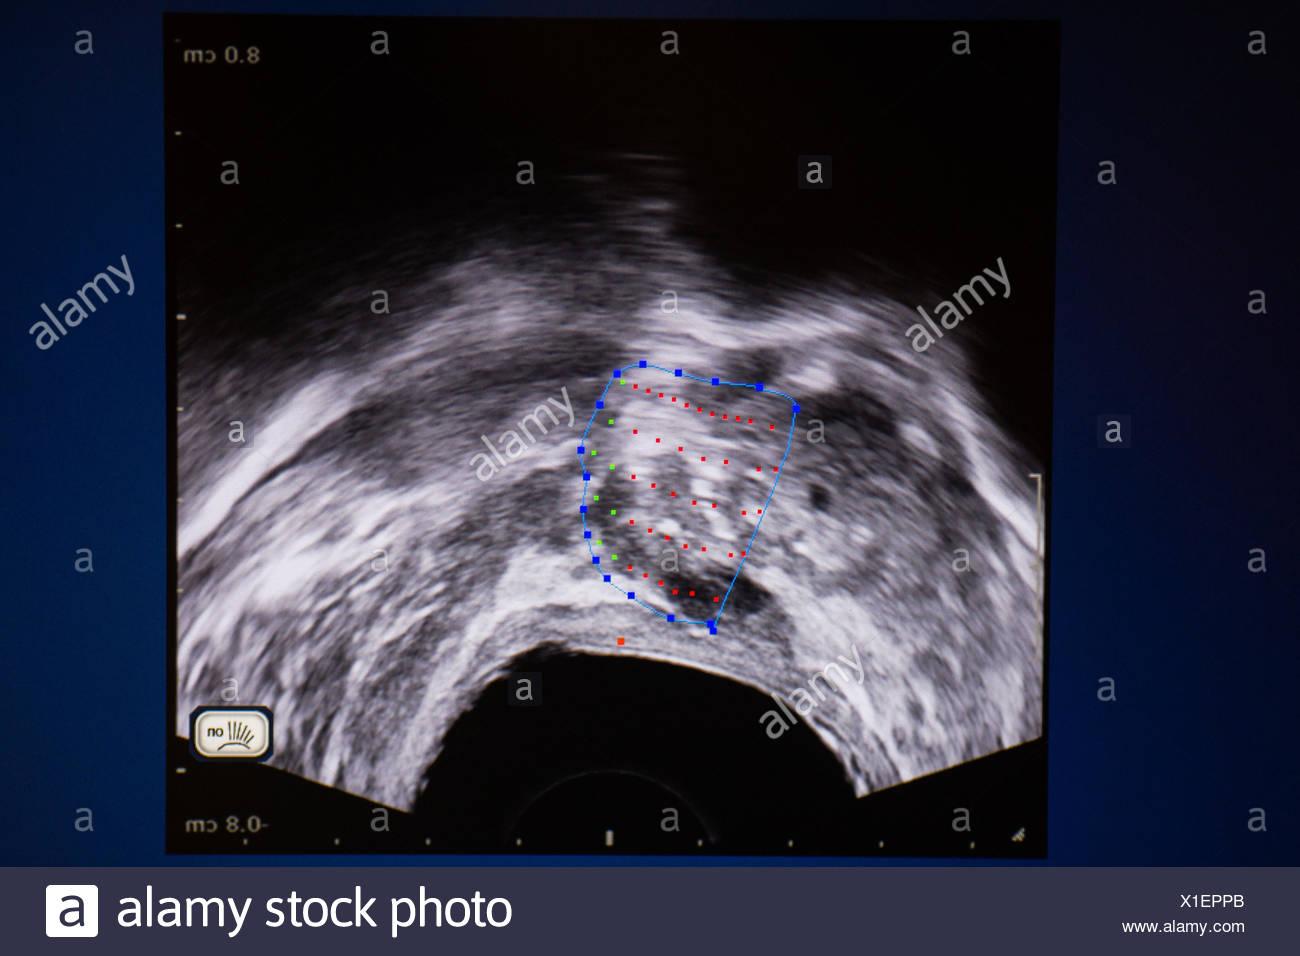 Il trattamento del cancro della prostata da alta intensità di messa a fuoco (ultrasuoni Focal-One). Institut Montsouris, Parigi, Francia. Immagini Stock